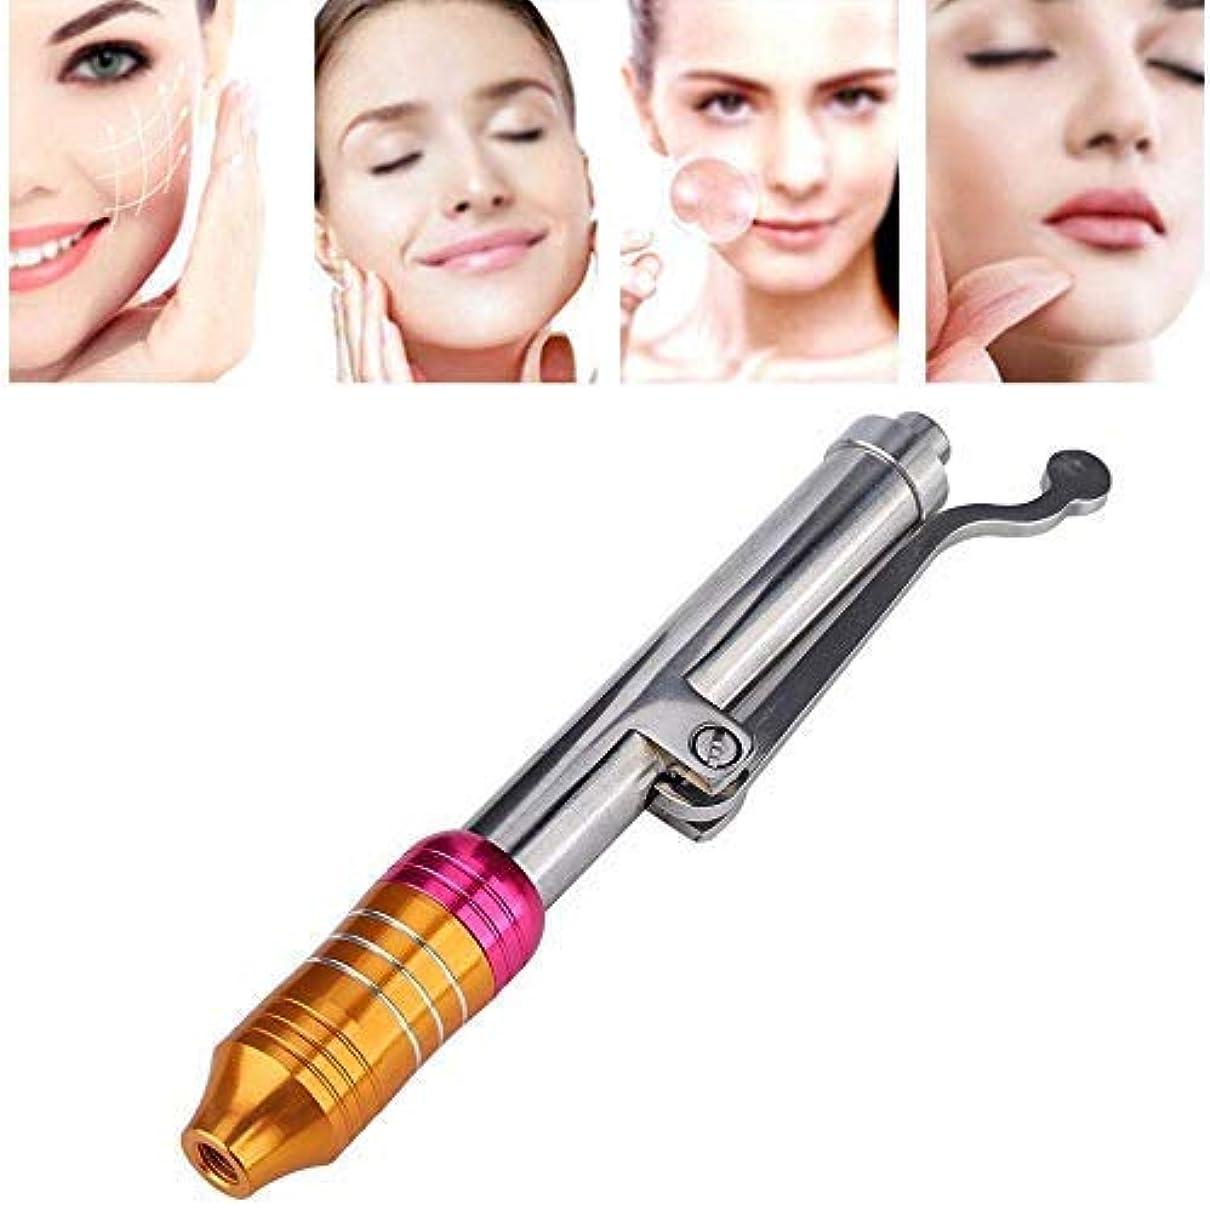 シュリンクアラブウォーターフロントヒアルロン注射ペン、しわスキンマシンを削除するための傷、しわ、マークを減らすのに役立ちます